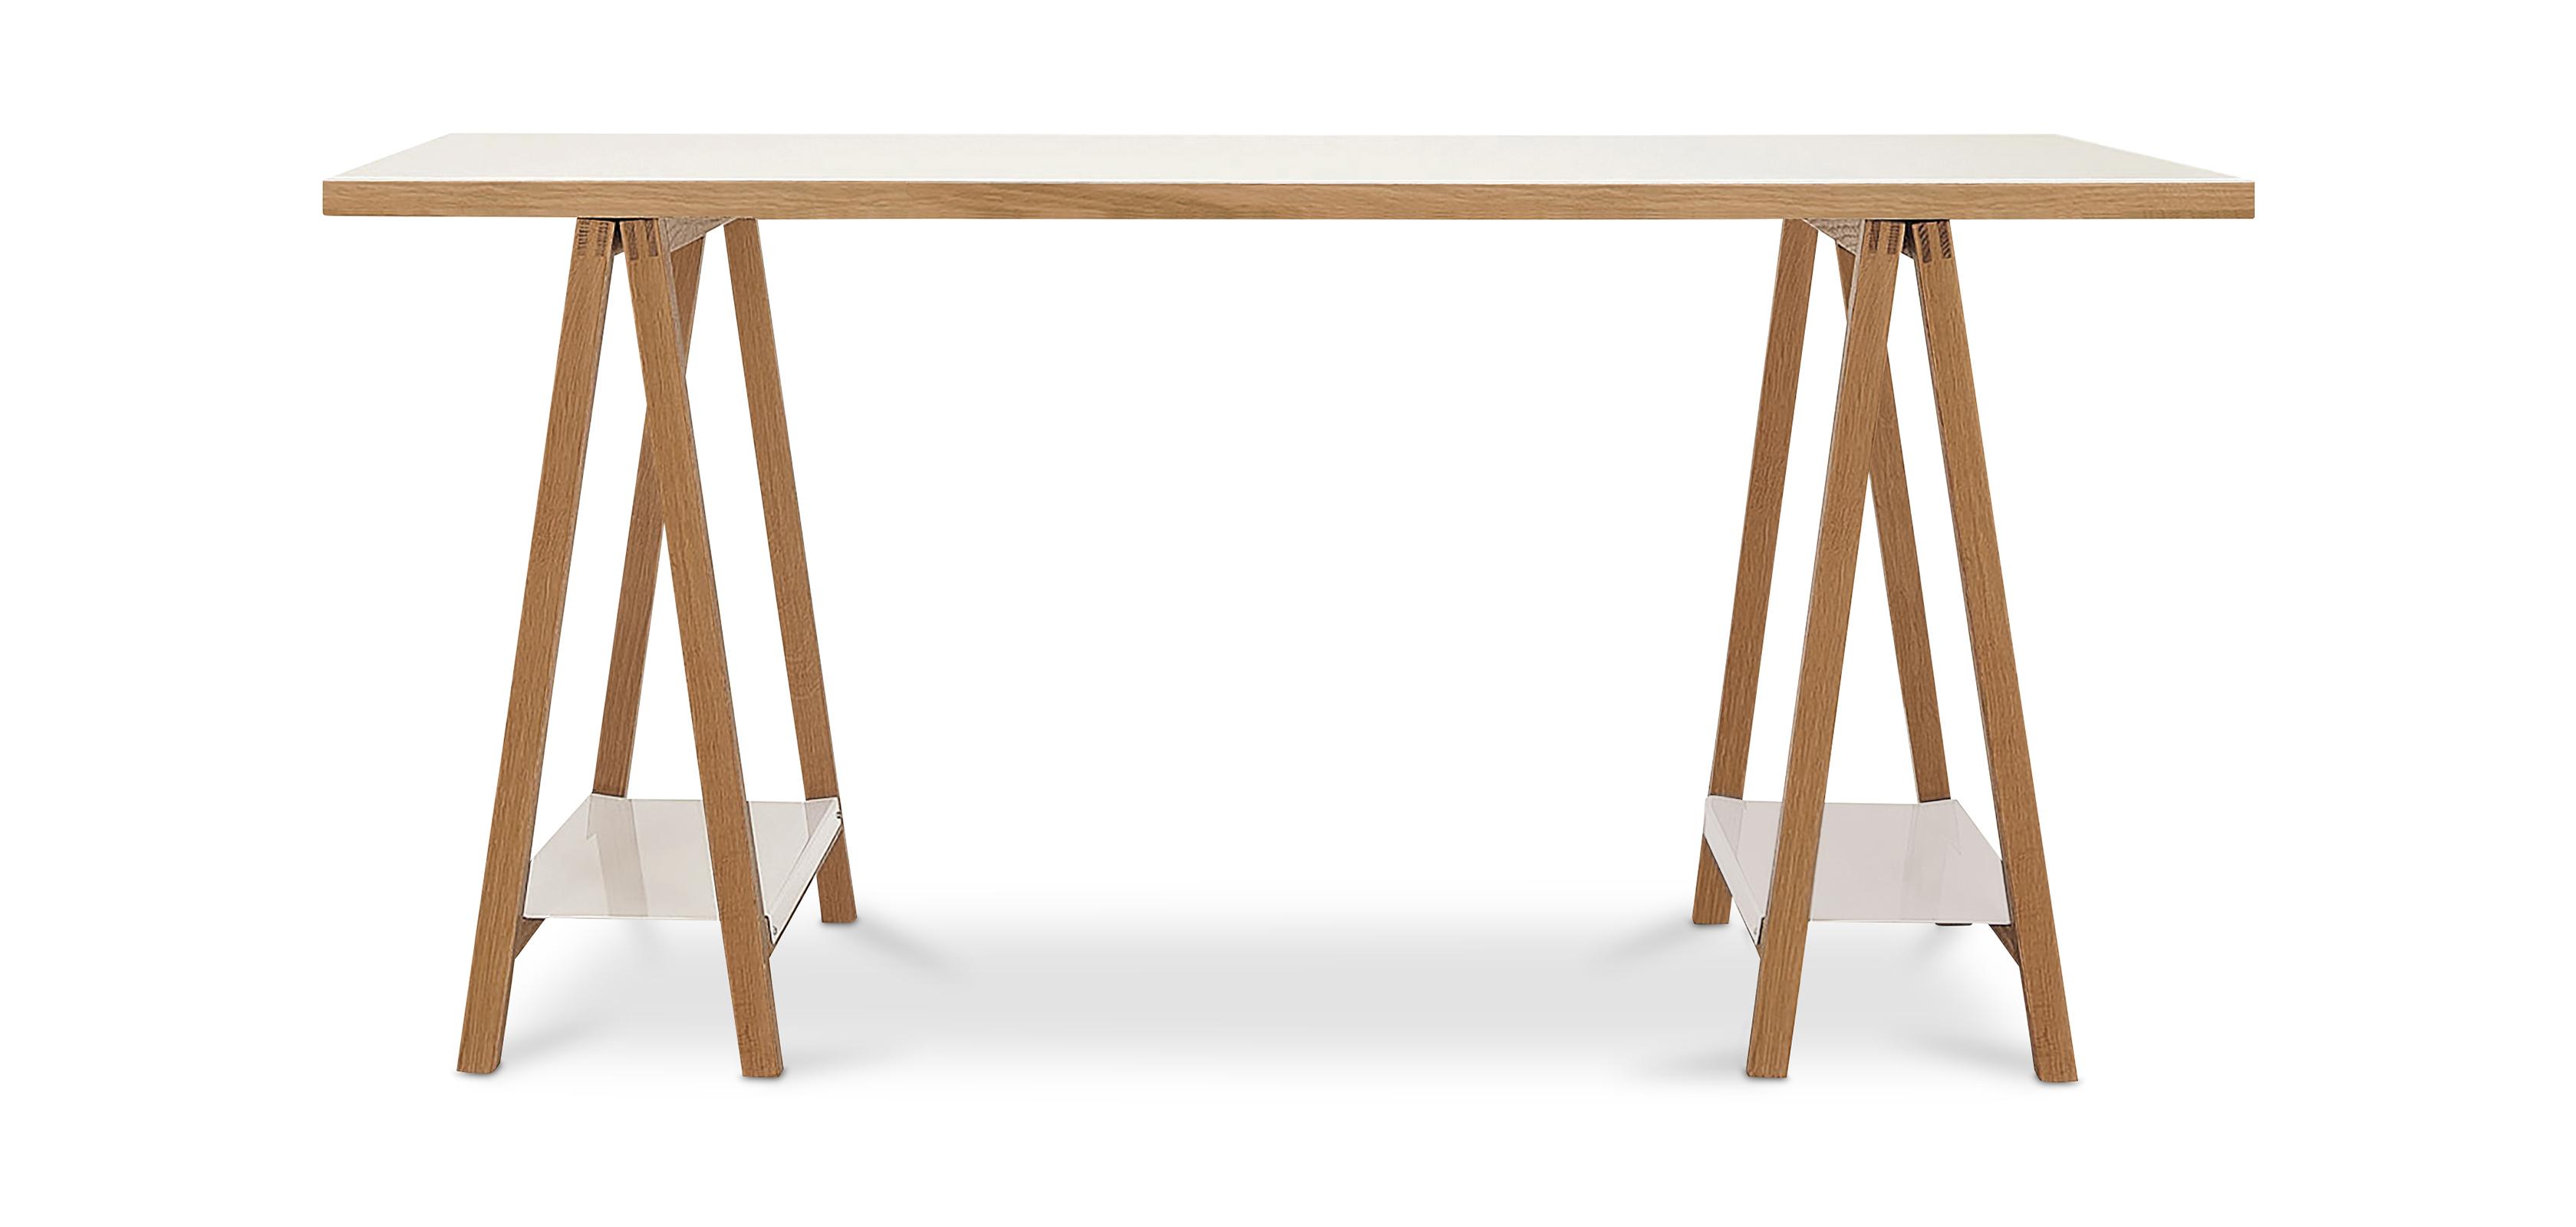 Tavolo di legno con cavalletti stile scandinavo - Tavolo scandinavo ...